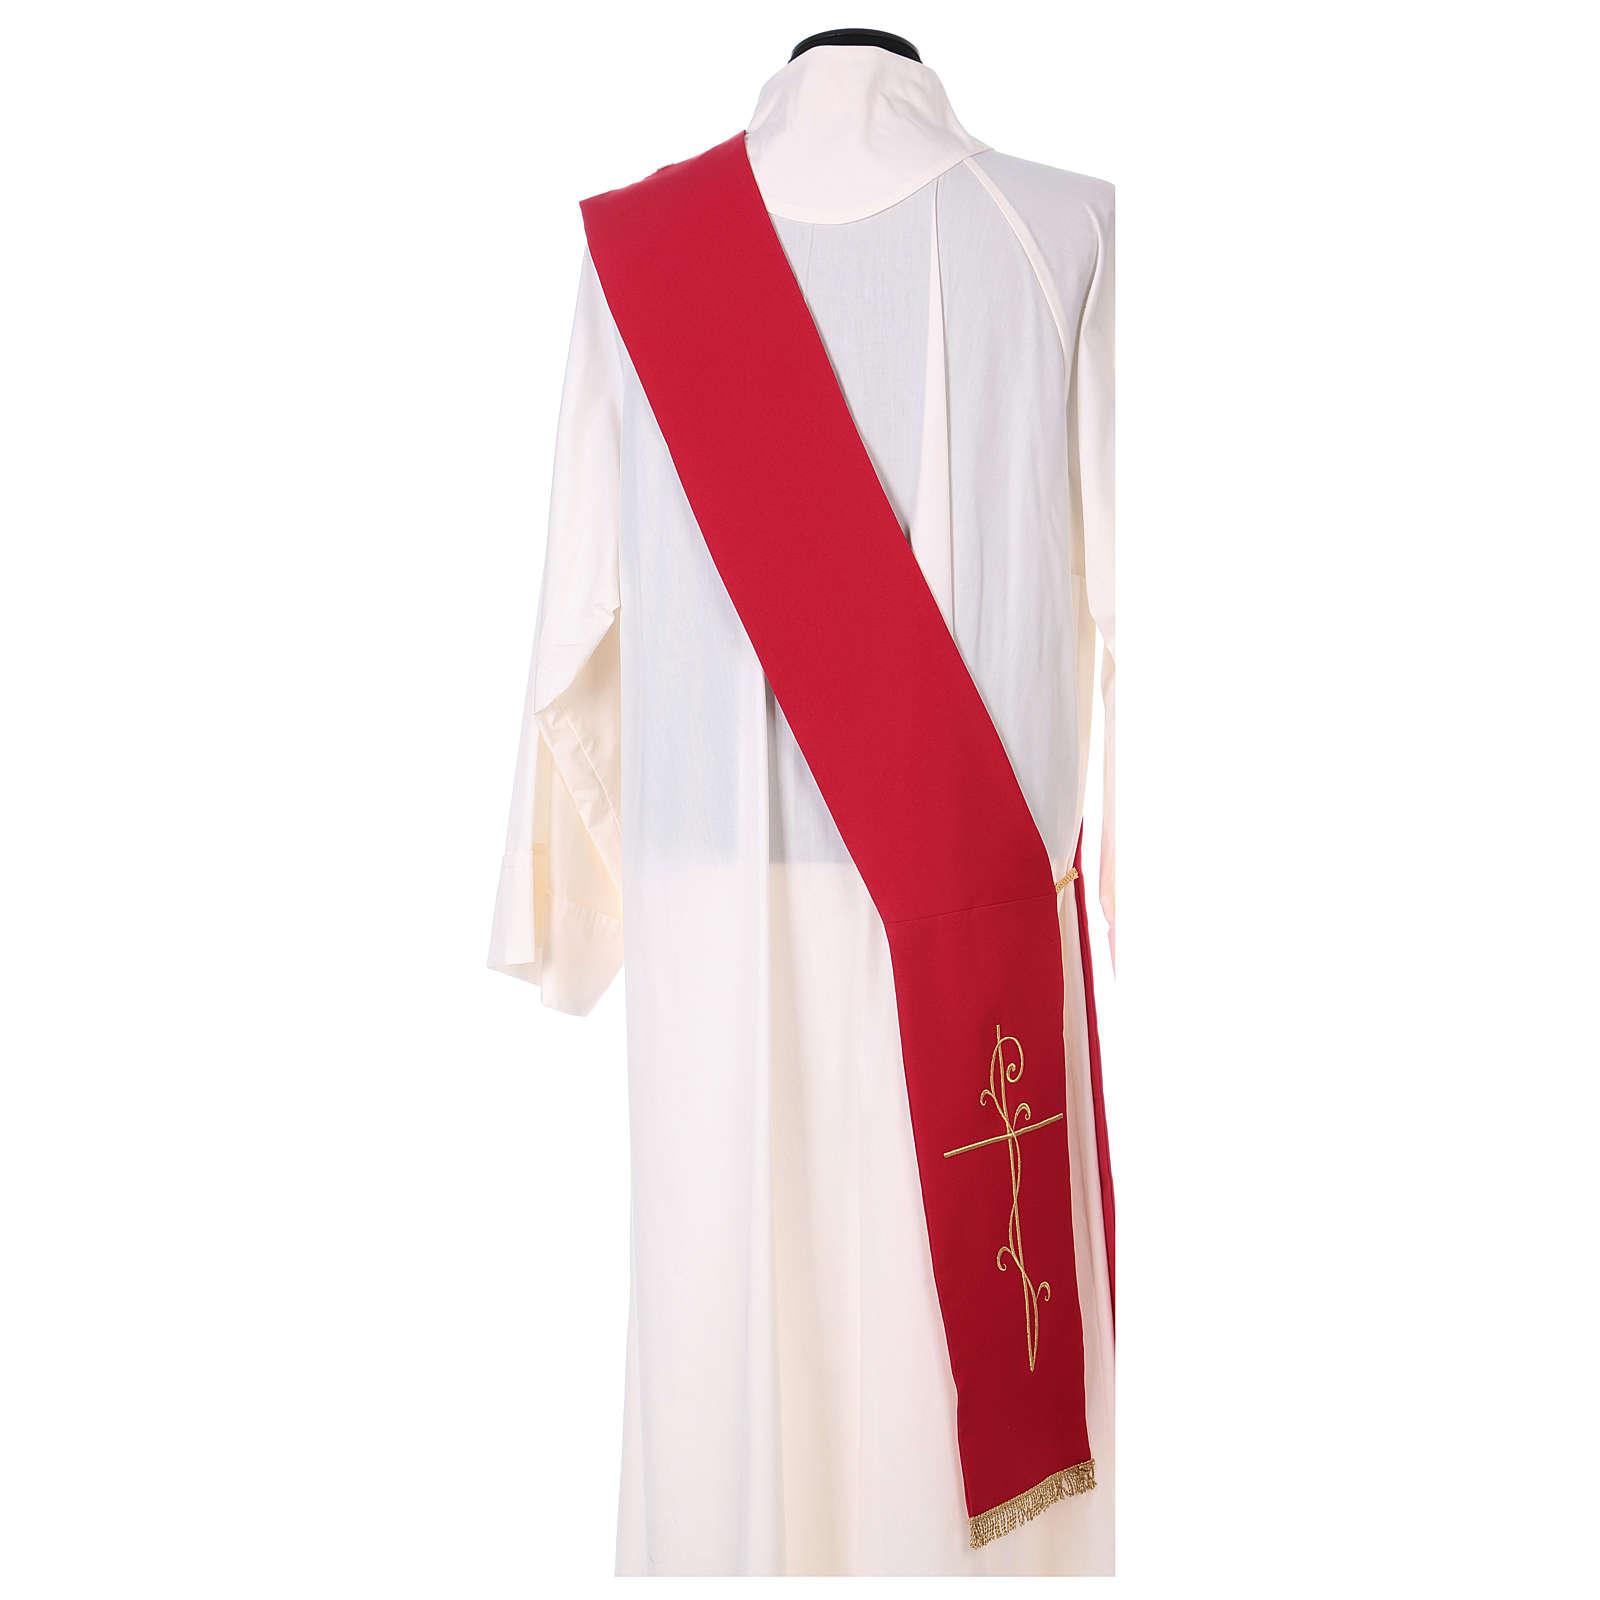 Étole pour diacre broderie croix avant arrière tissu polyester Vatican 4